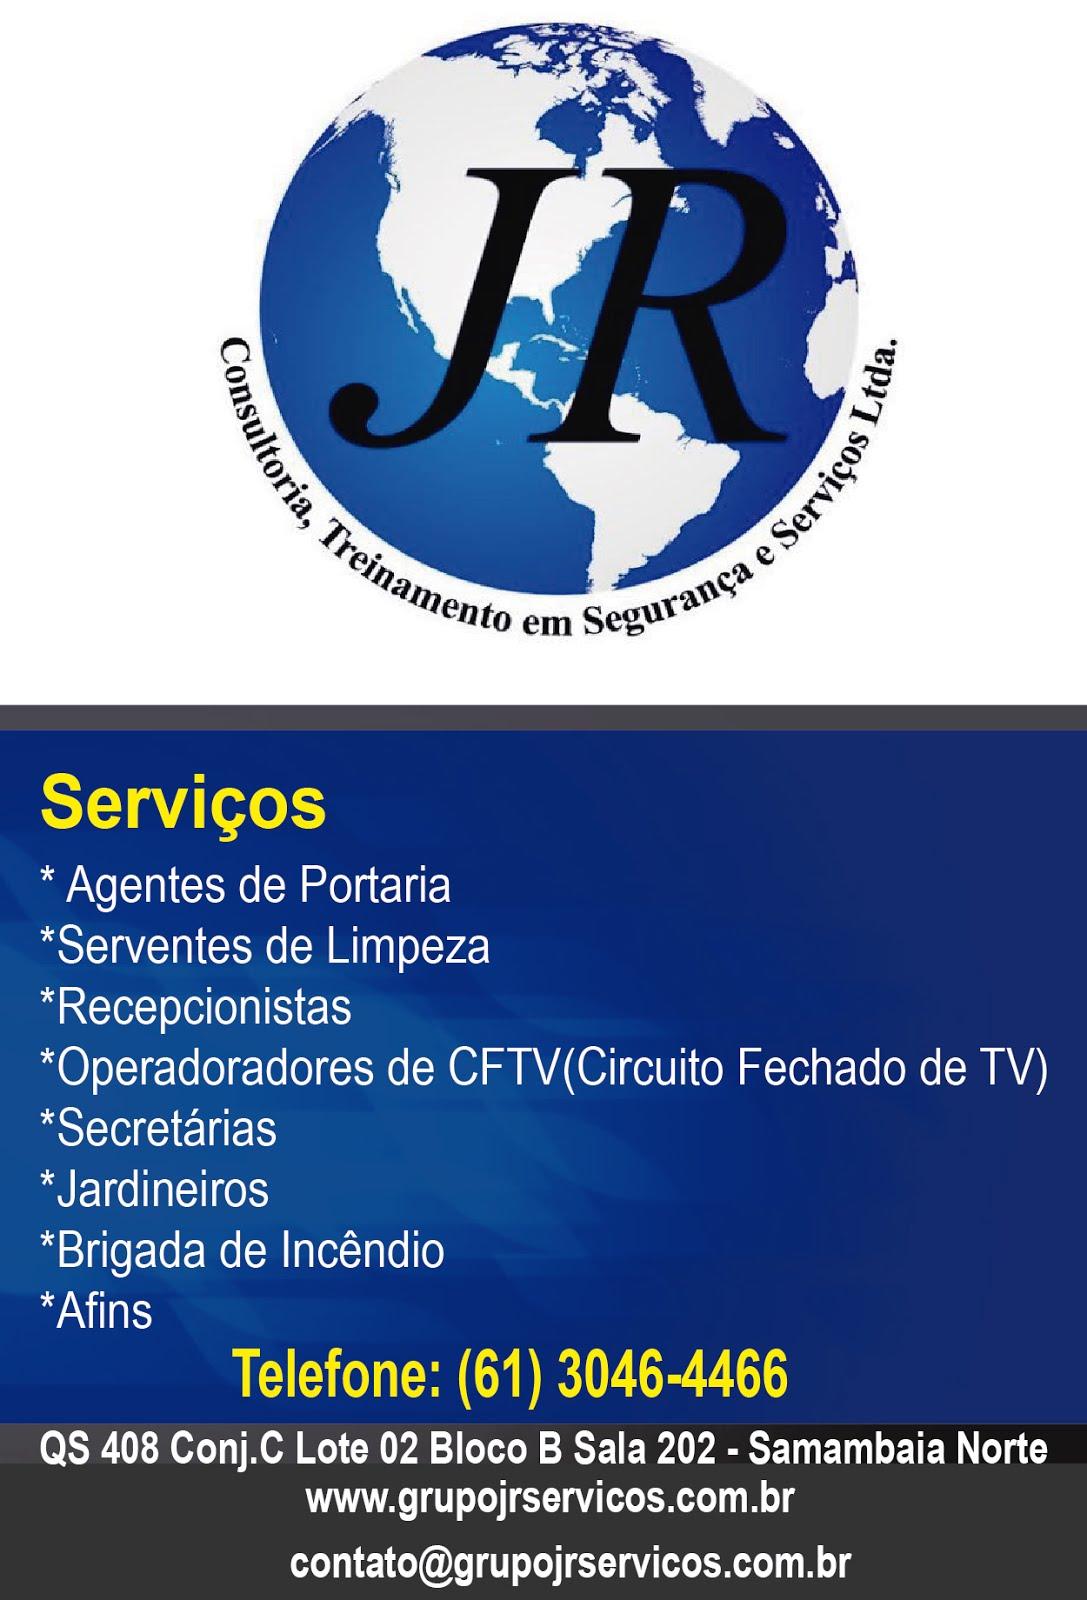 JR CONSULTORIA E TREINAMENTOS